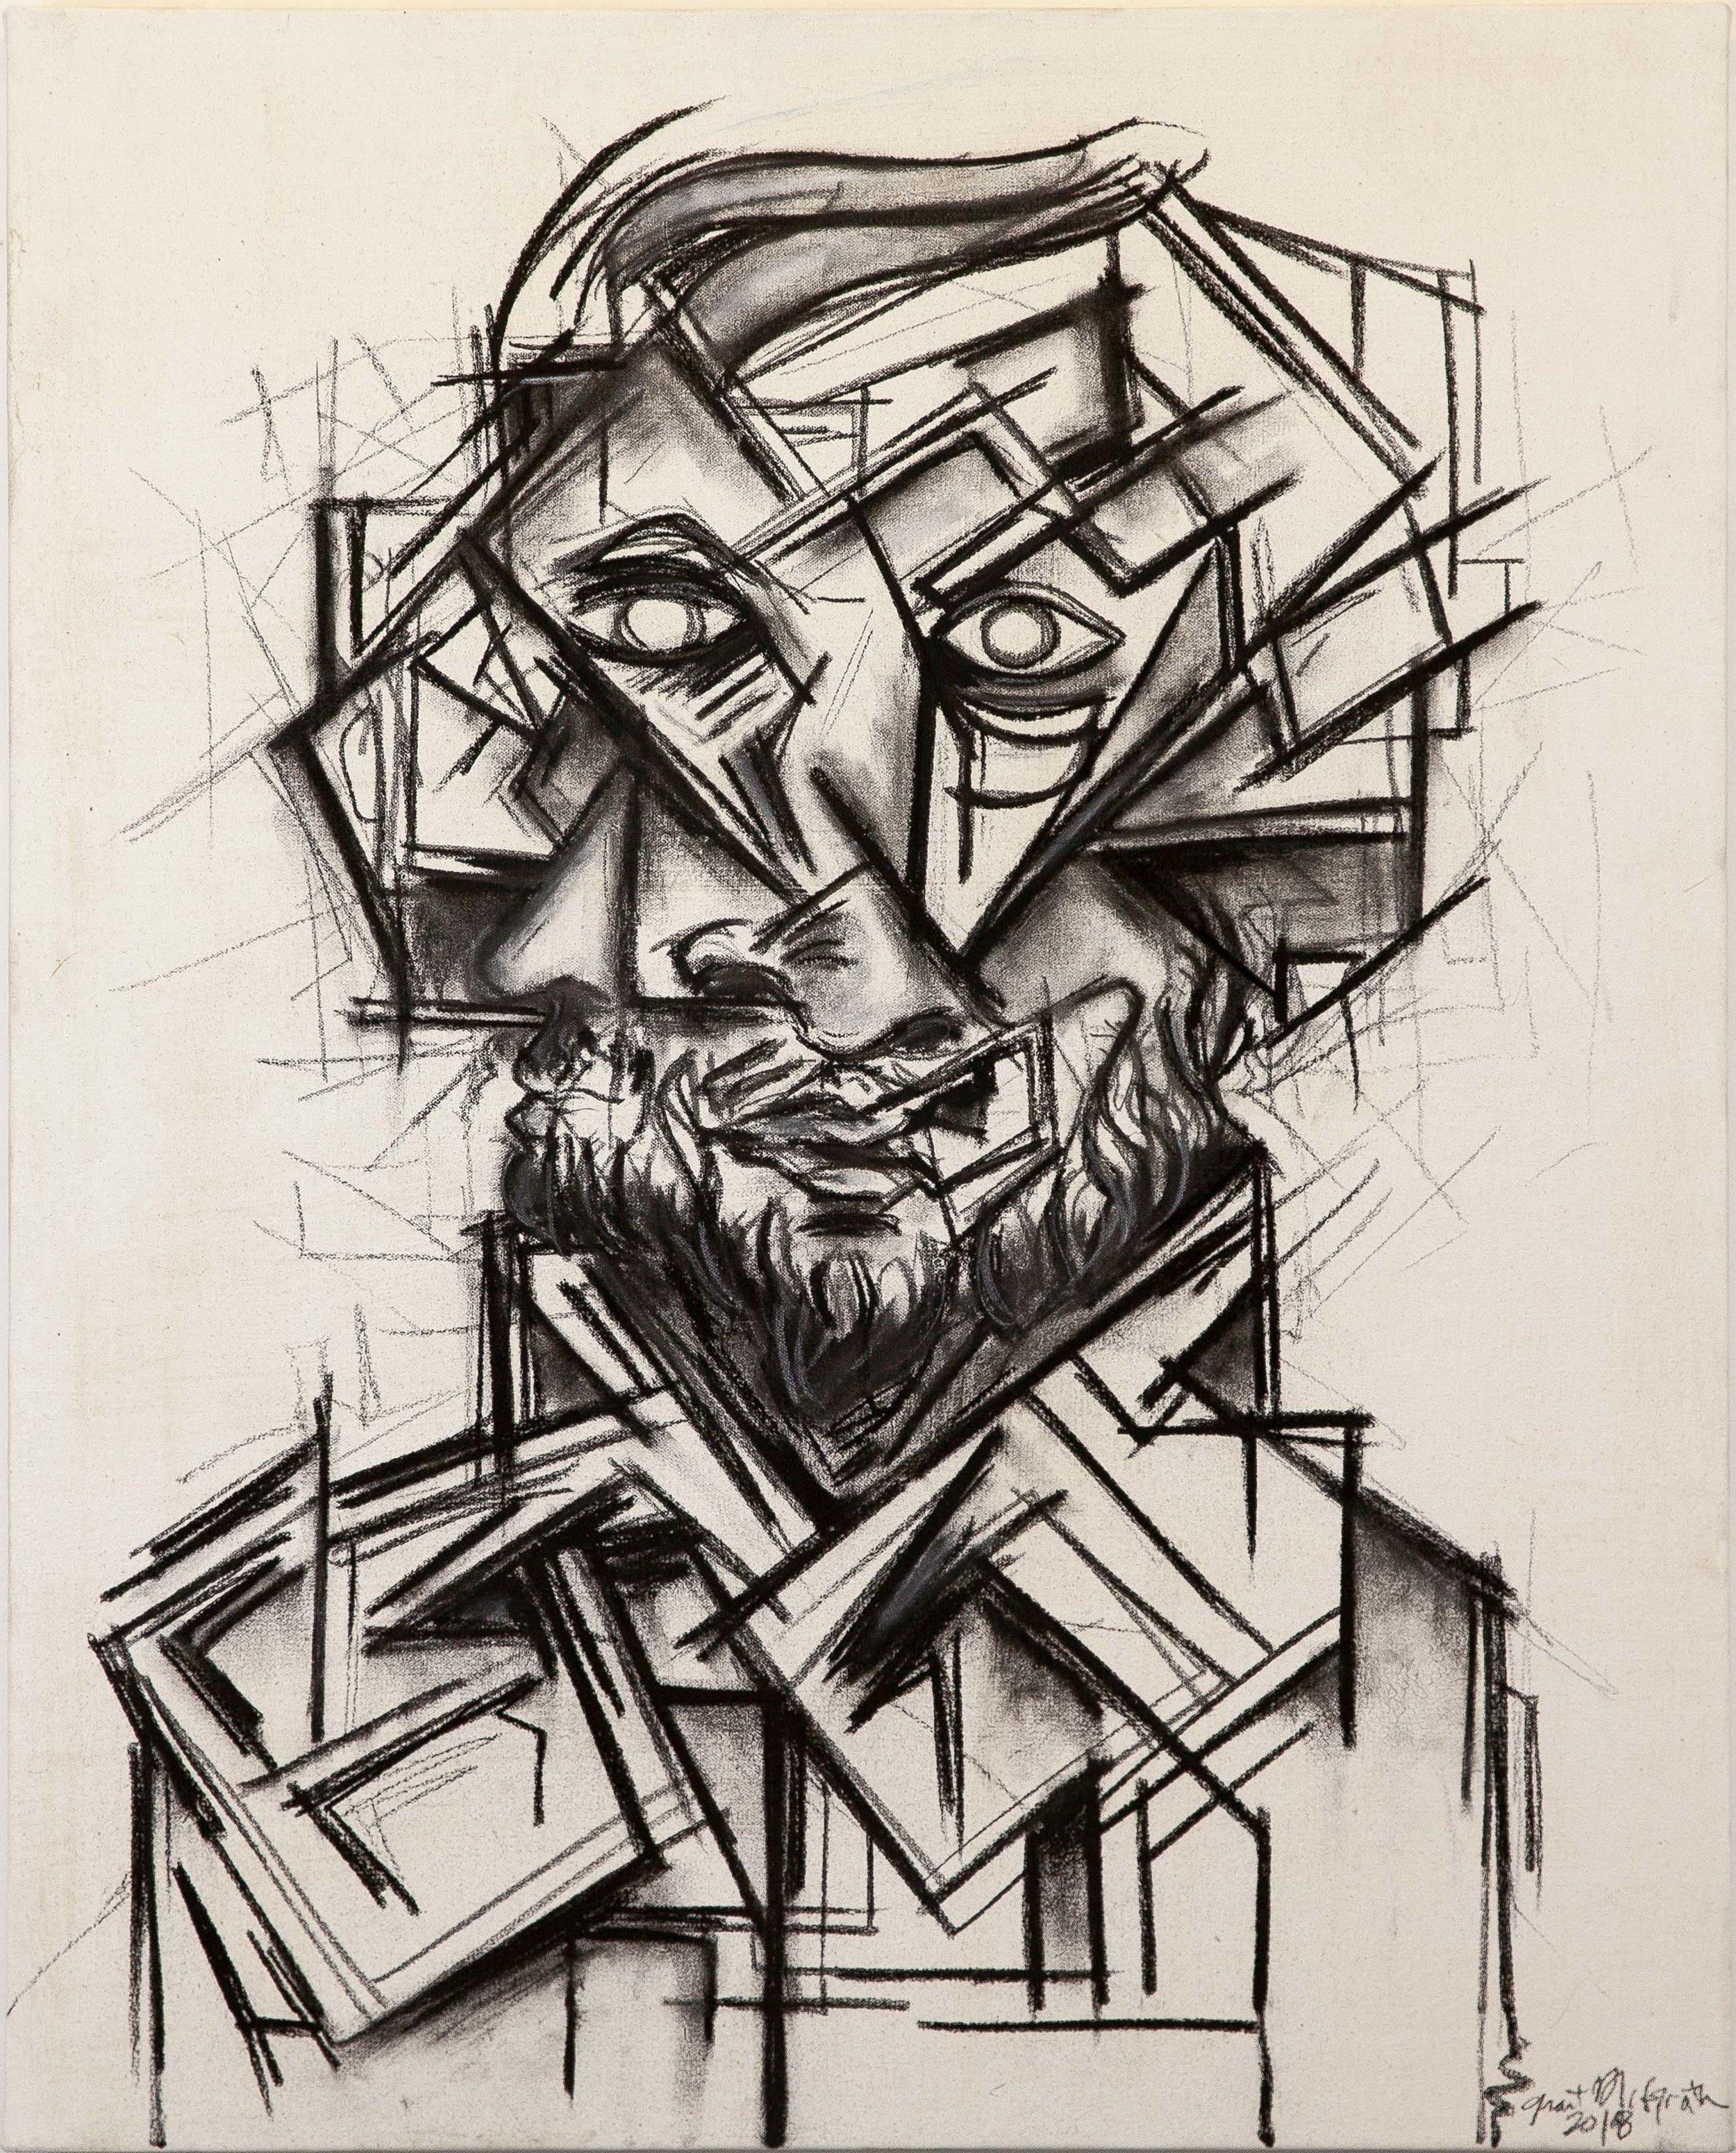 Self Portrait III